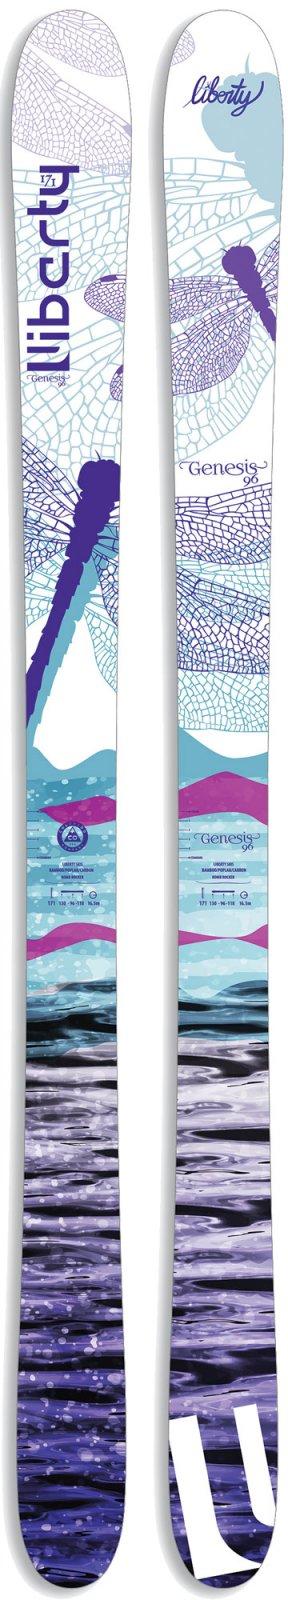 Liberty Genesis 96 W Skis 2018 - size 151cm